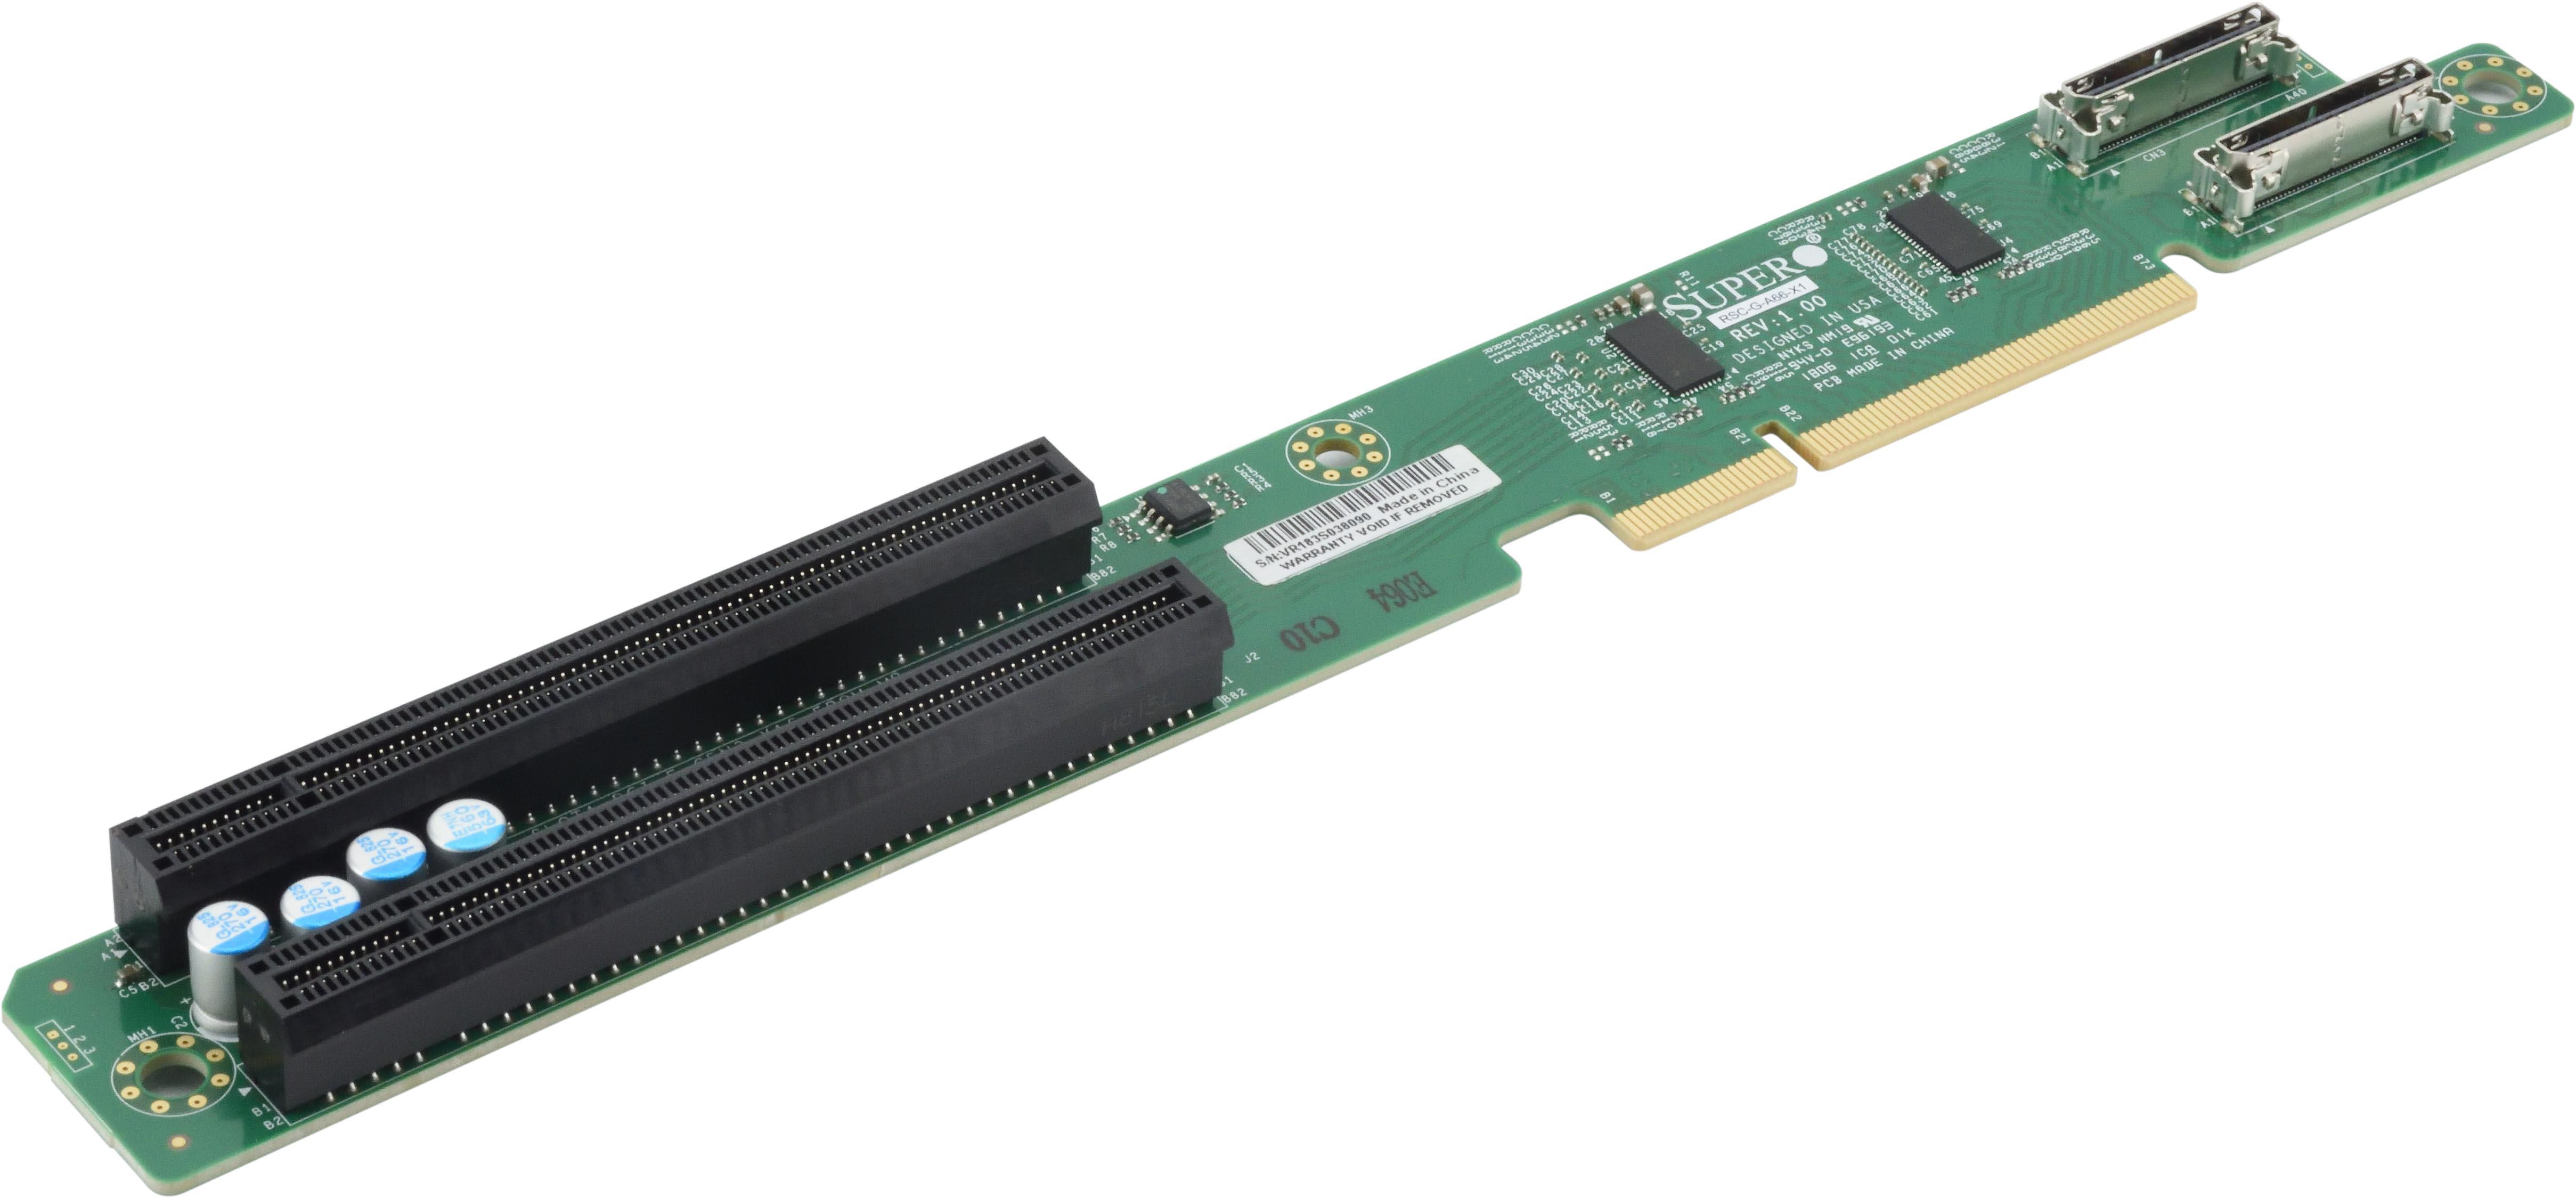 New SuperMicro Right PCI Riser Card RSC-BLG-E16R PCI-E 3.0x16